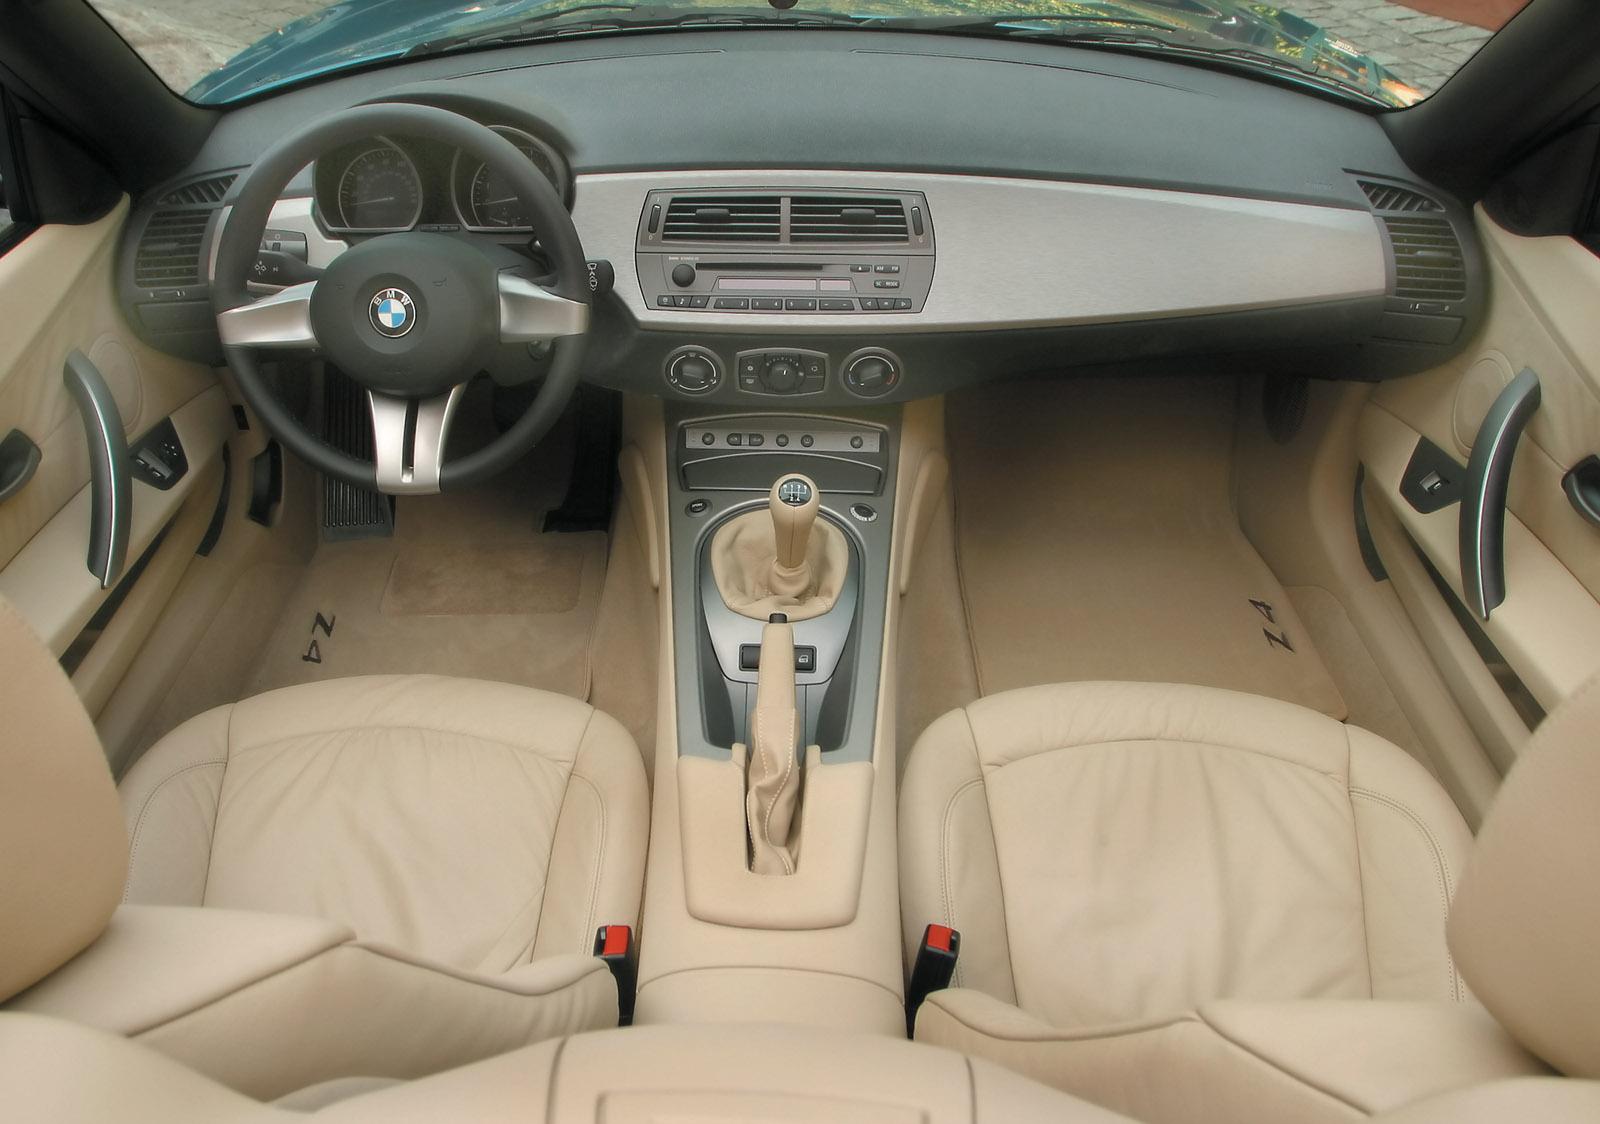 http://1.bp.blogspot.com/-ZS2lxnviu5Q/T0Wu5JLor5I/AAAAAAAAJQE/y22gnirUTj4/s1600/BMW-Z4-brown-interior-leather-wallpaper.jpg